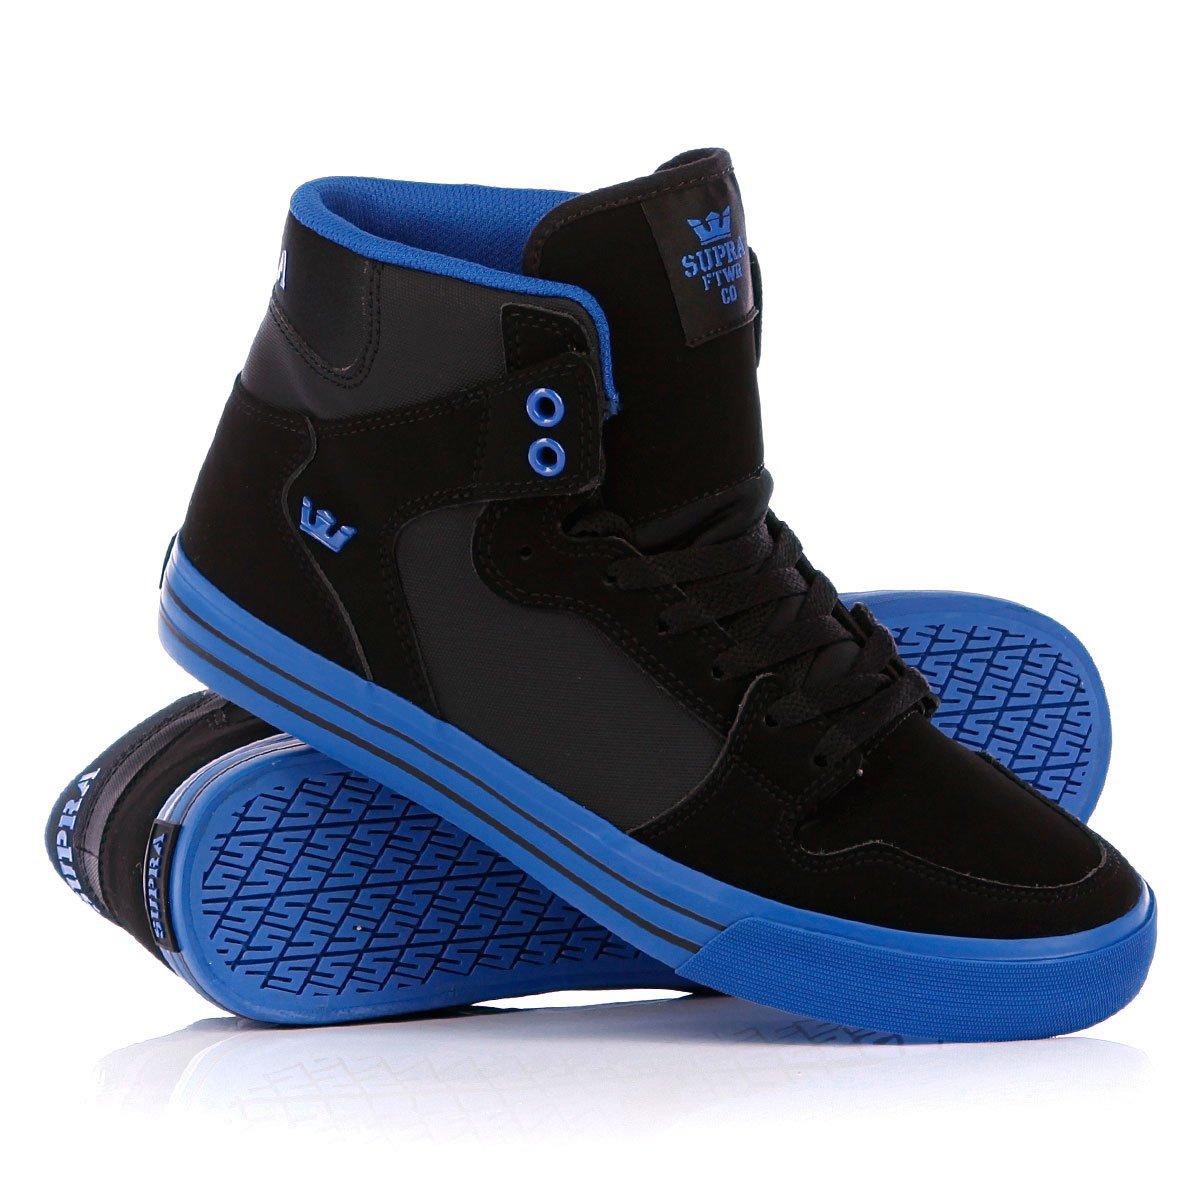 Обувь Supra купить в Санкт-Петербурге Москве спб